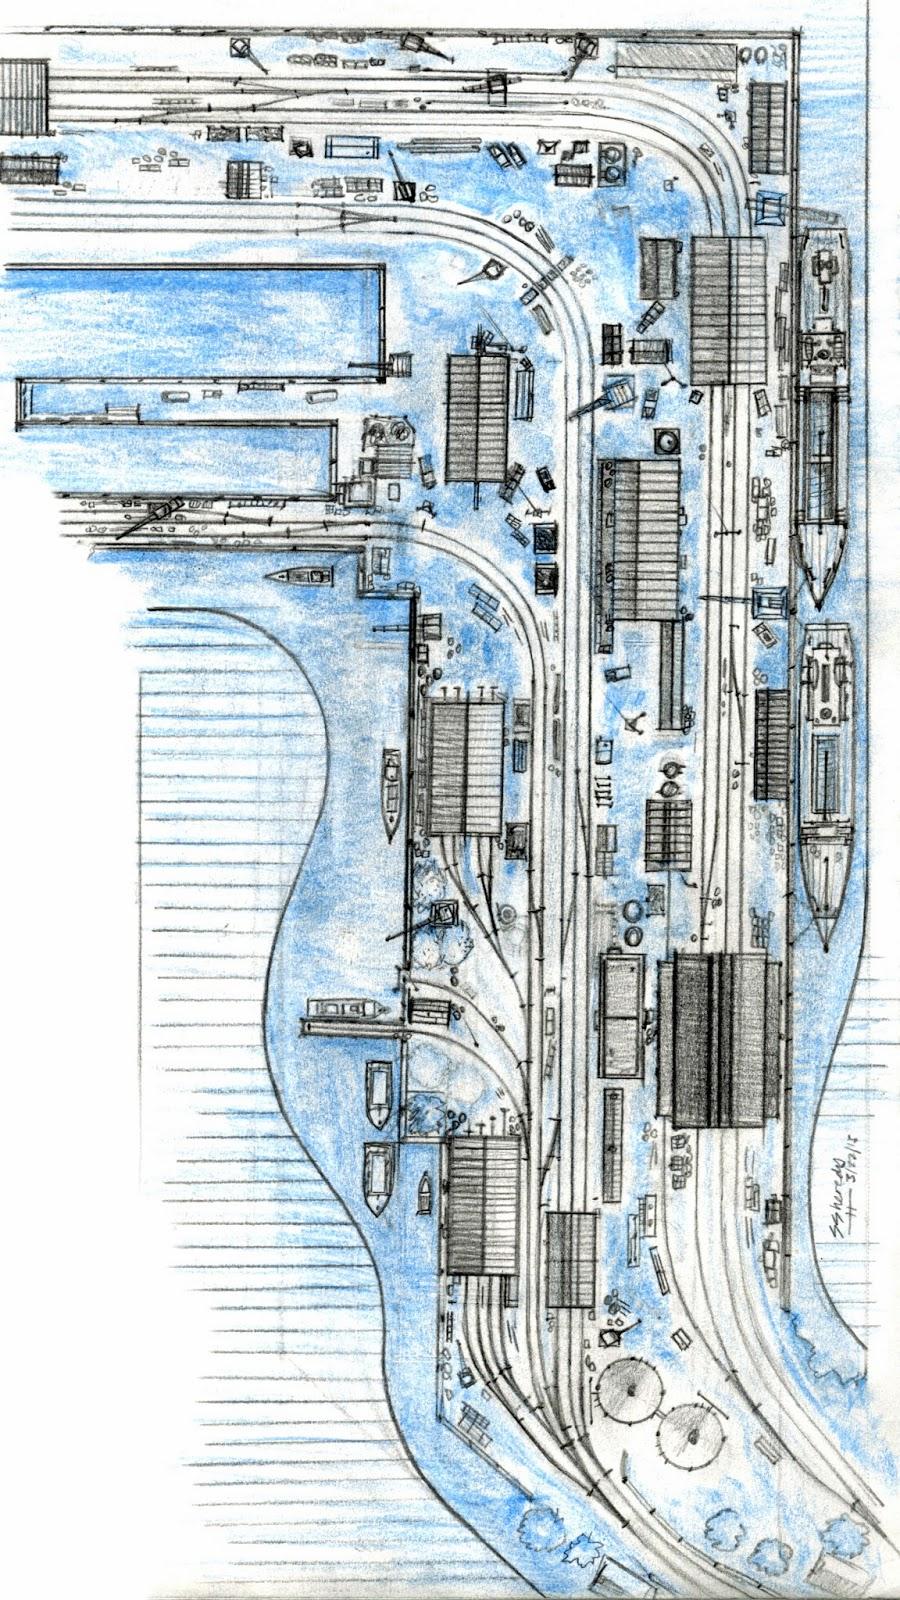 Sodormodelrailroading Brendam Docks Layout Plans